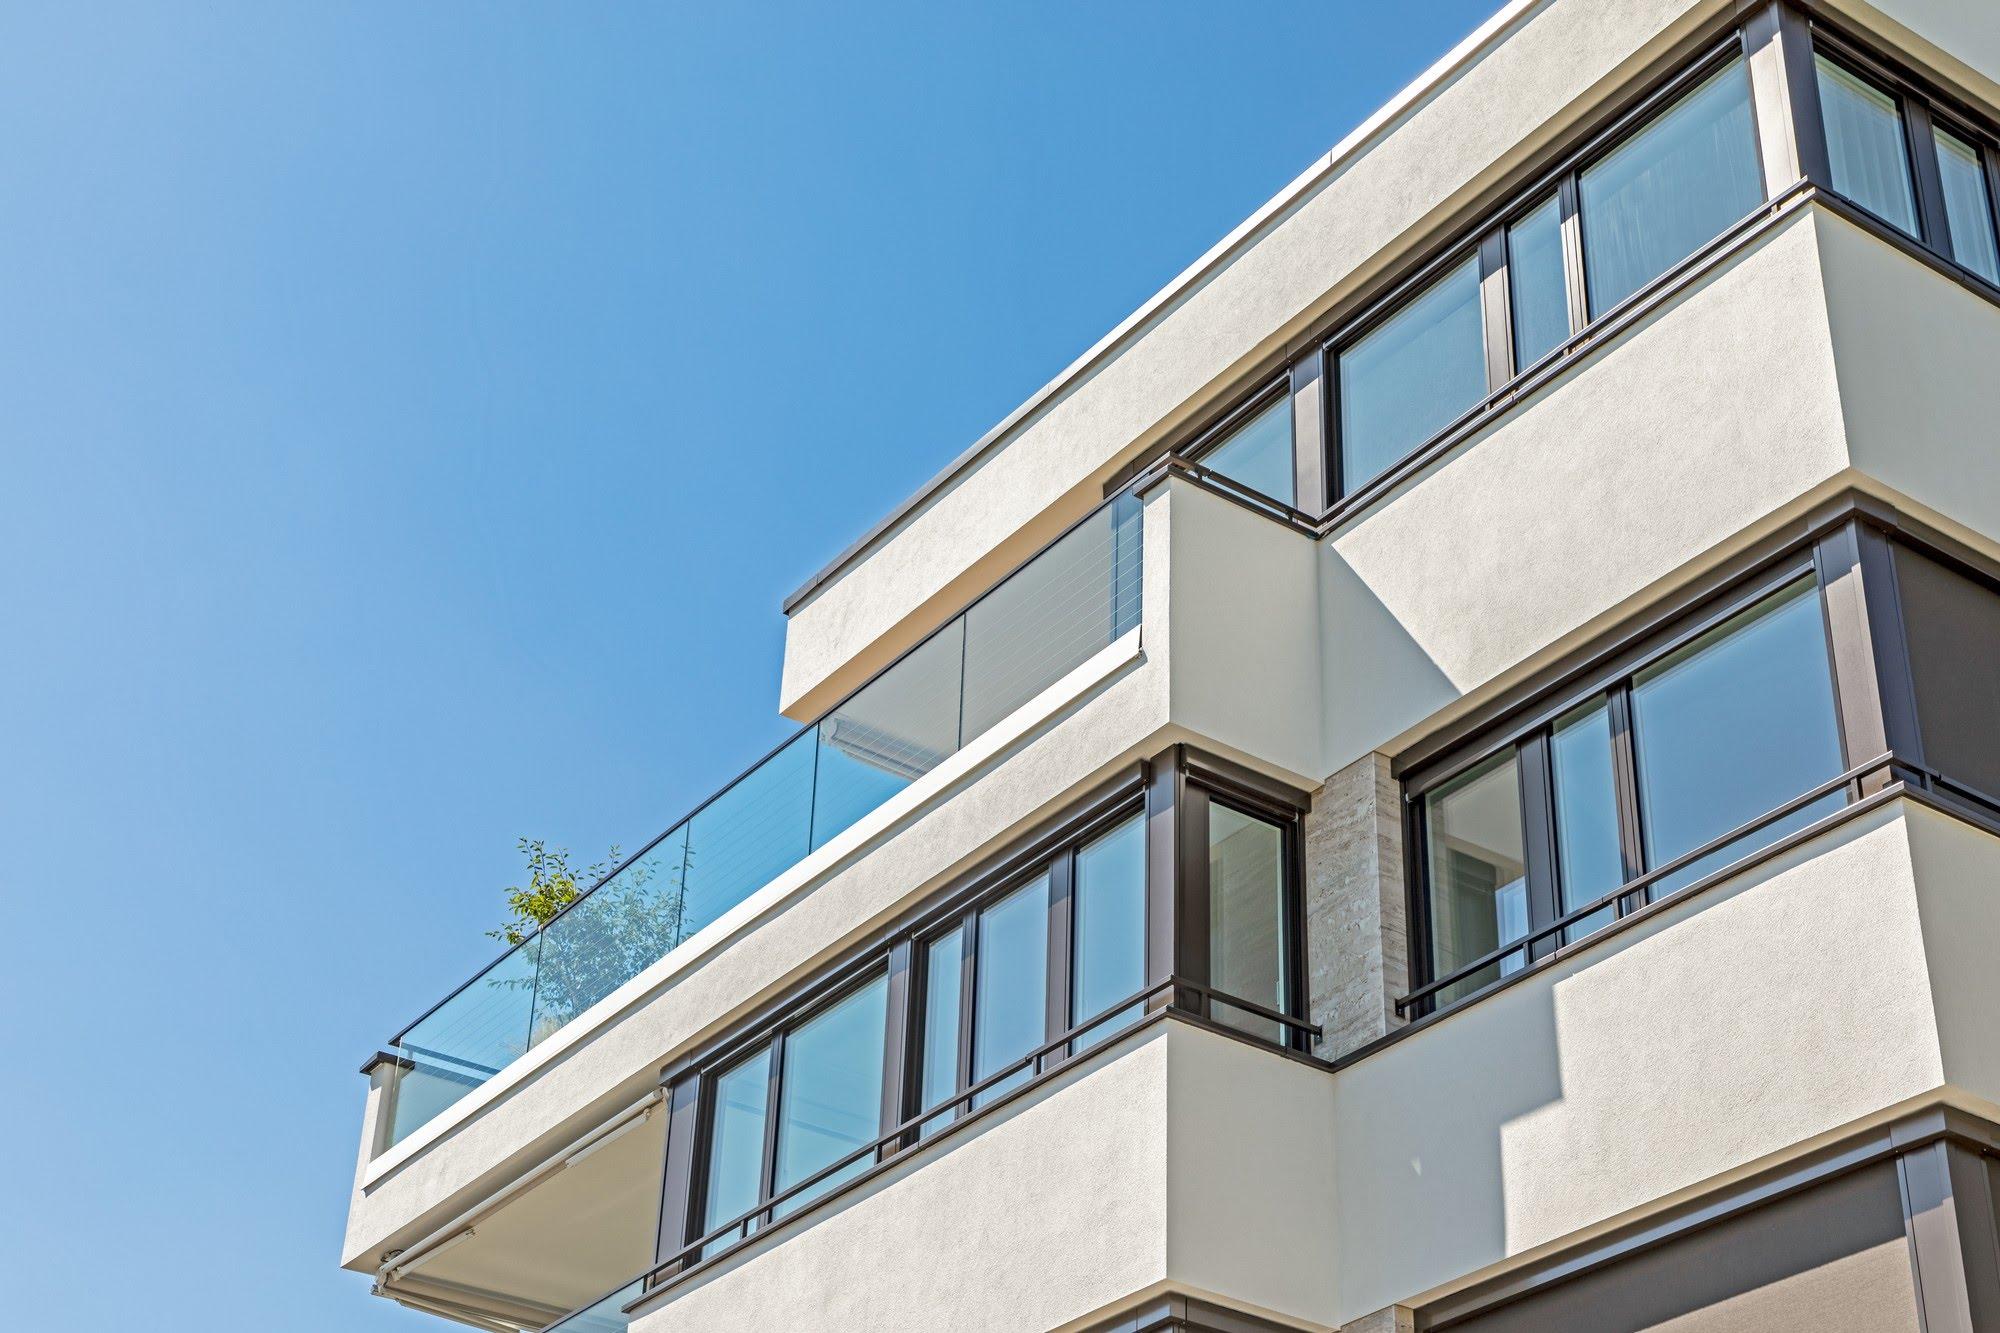 Wohnungsbau,Aussenwärmedämmung,Gipserarbeiten,Akustiksysteme Wohnhaus Haldenrain 4